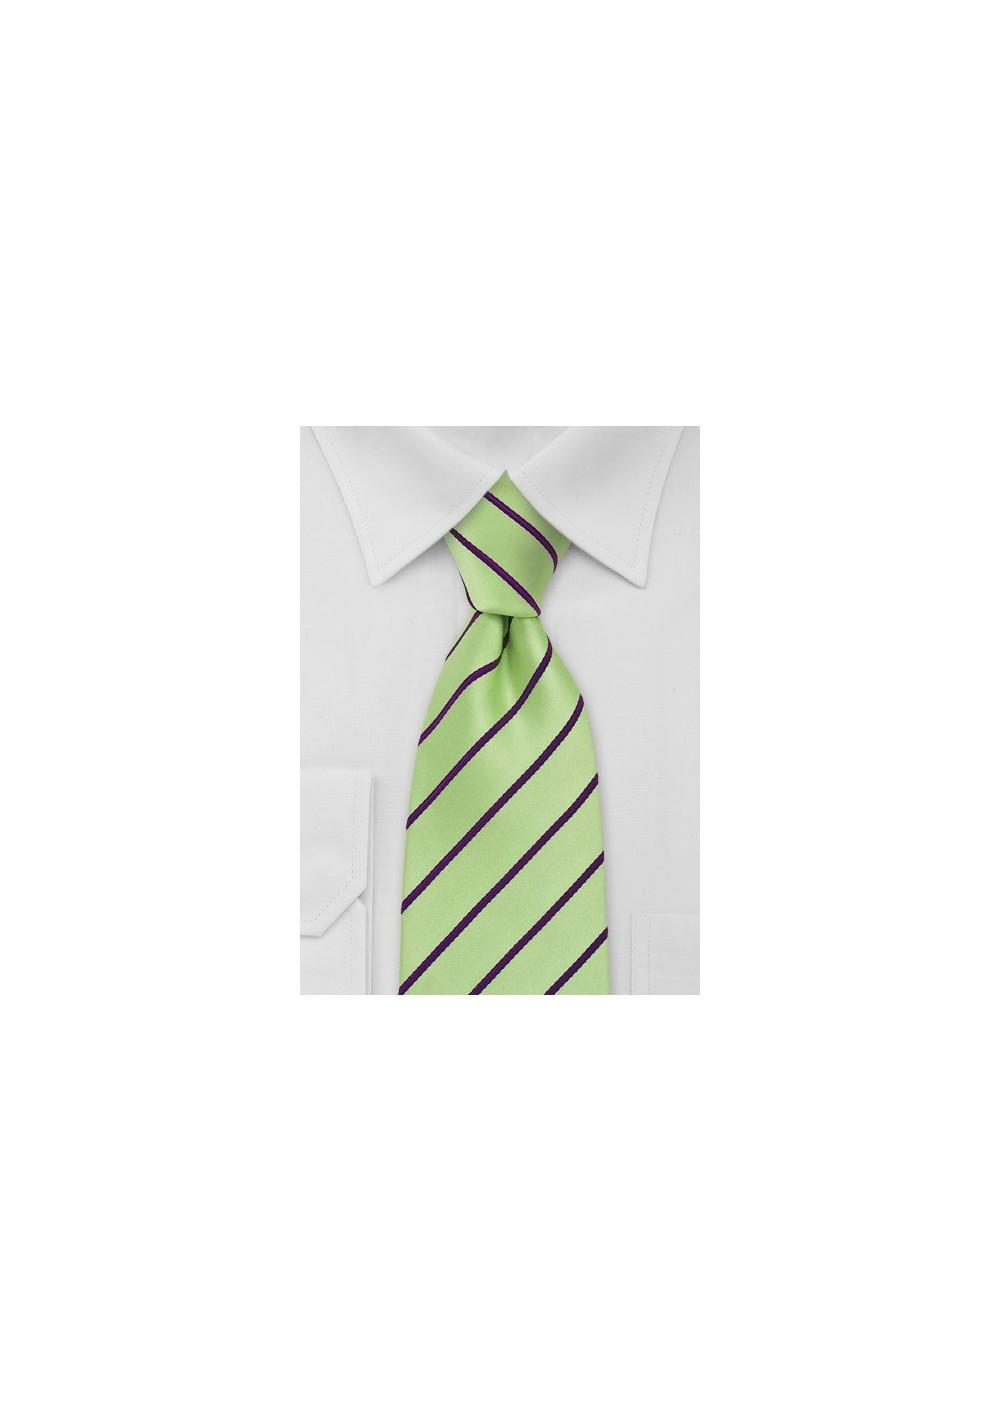 XXL Tie in Mint Green Purple